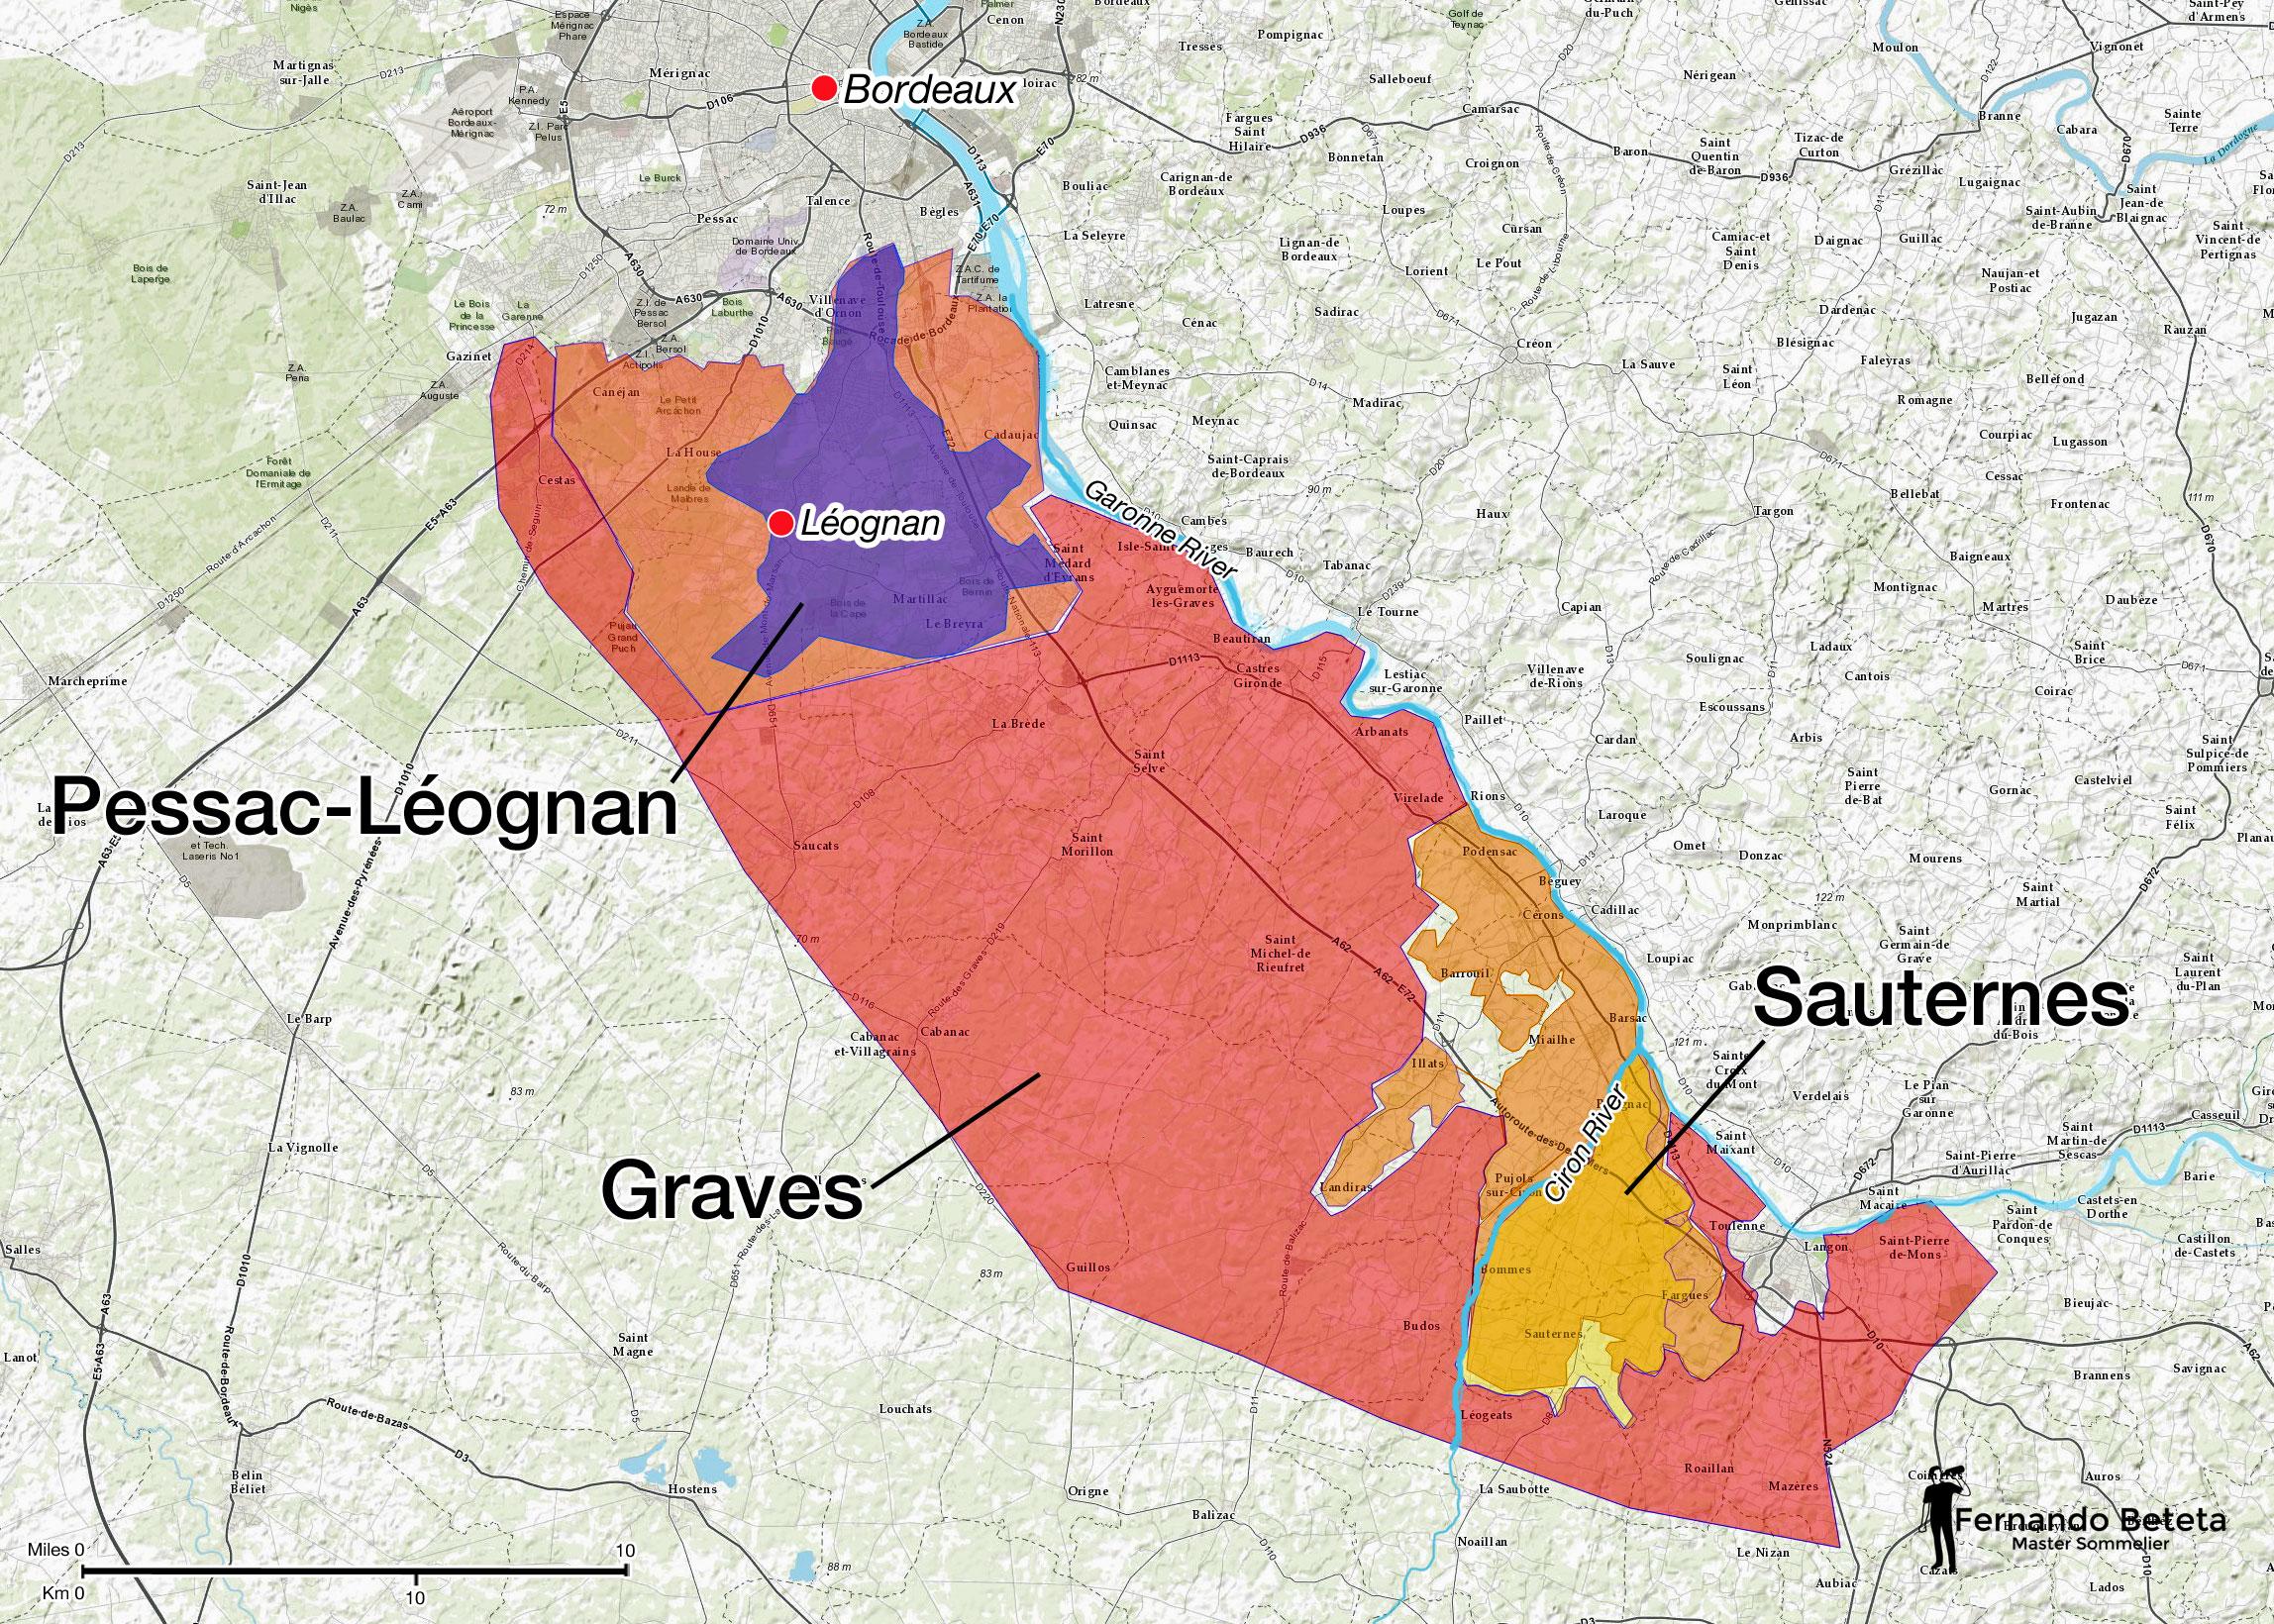 France - Bordeaux Graves